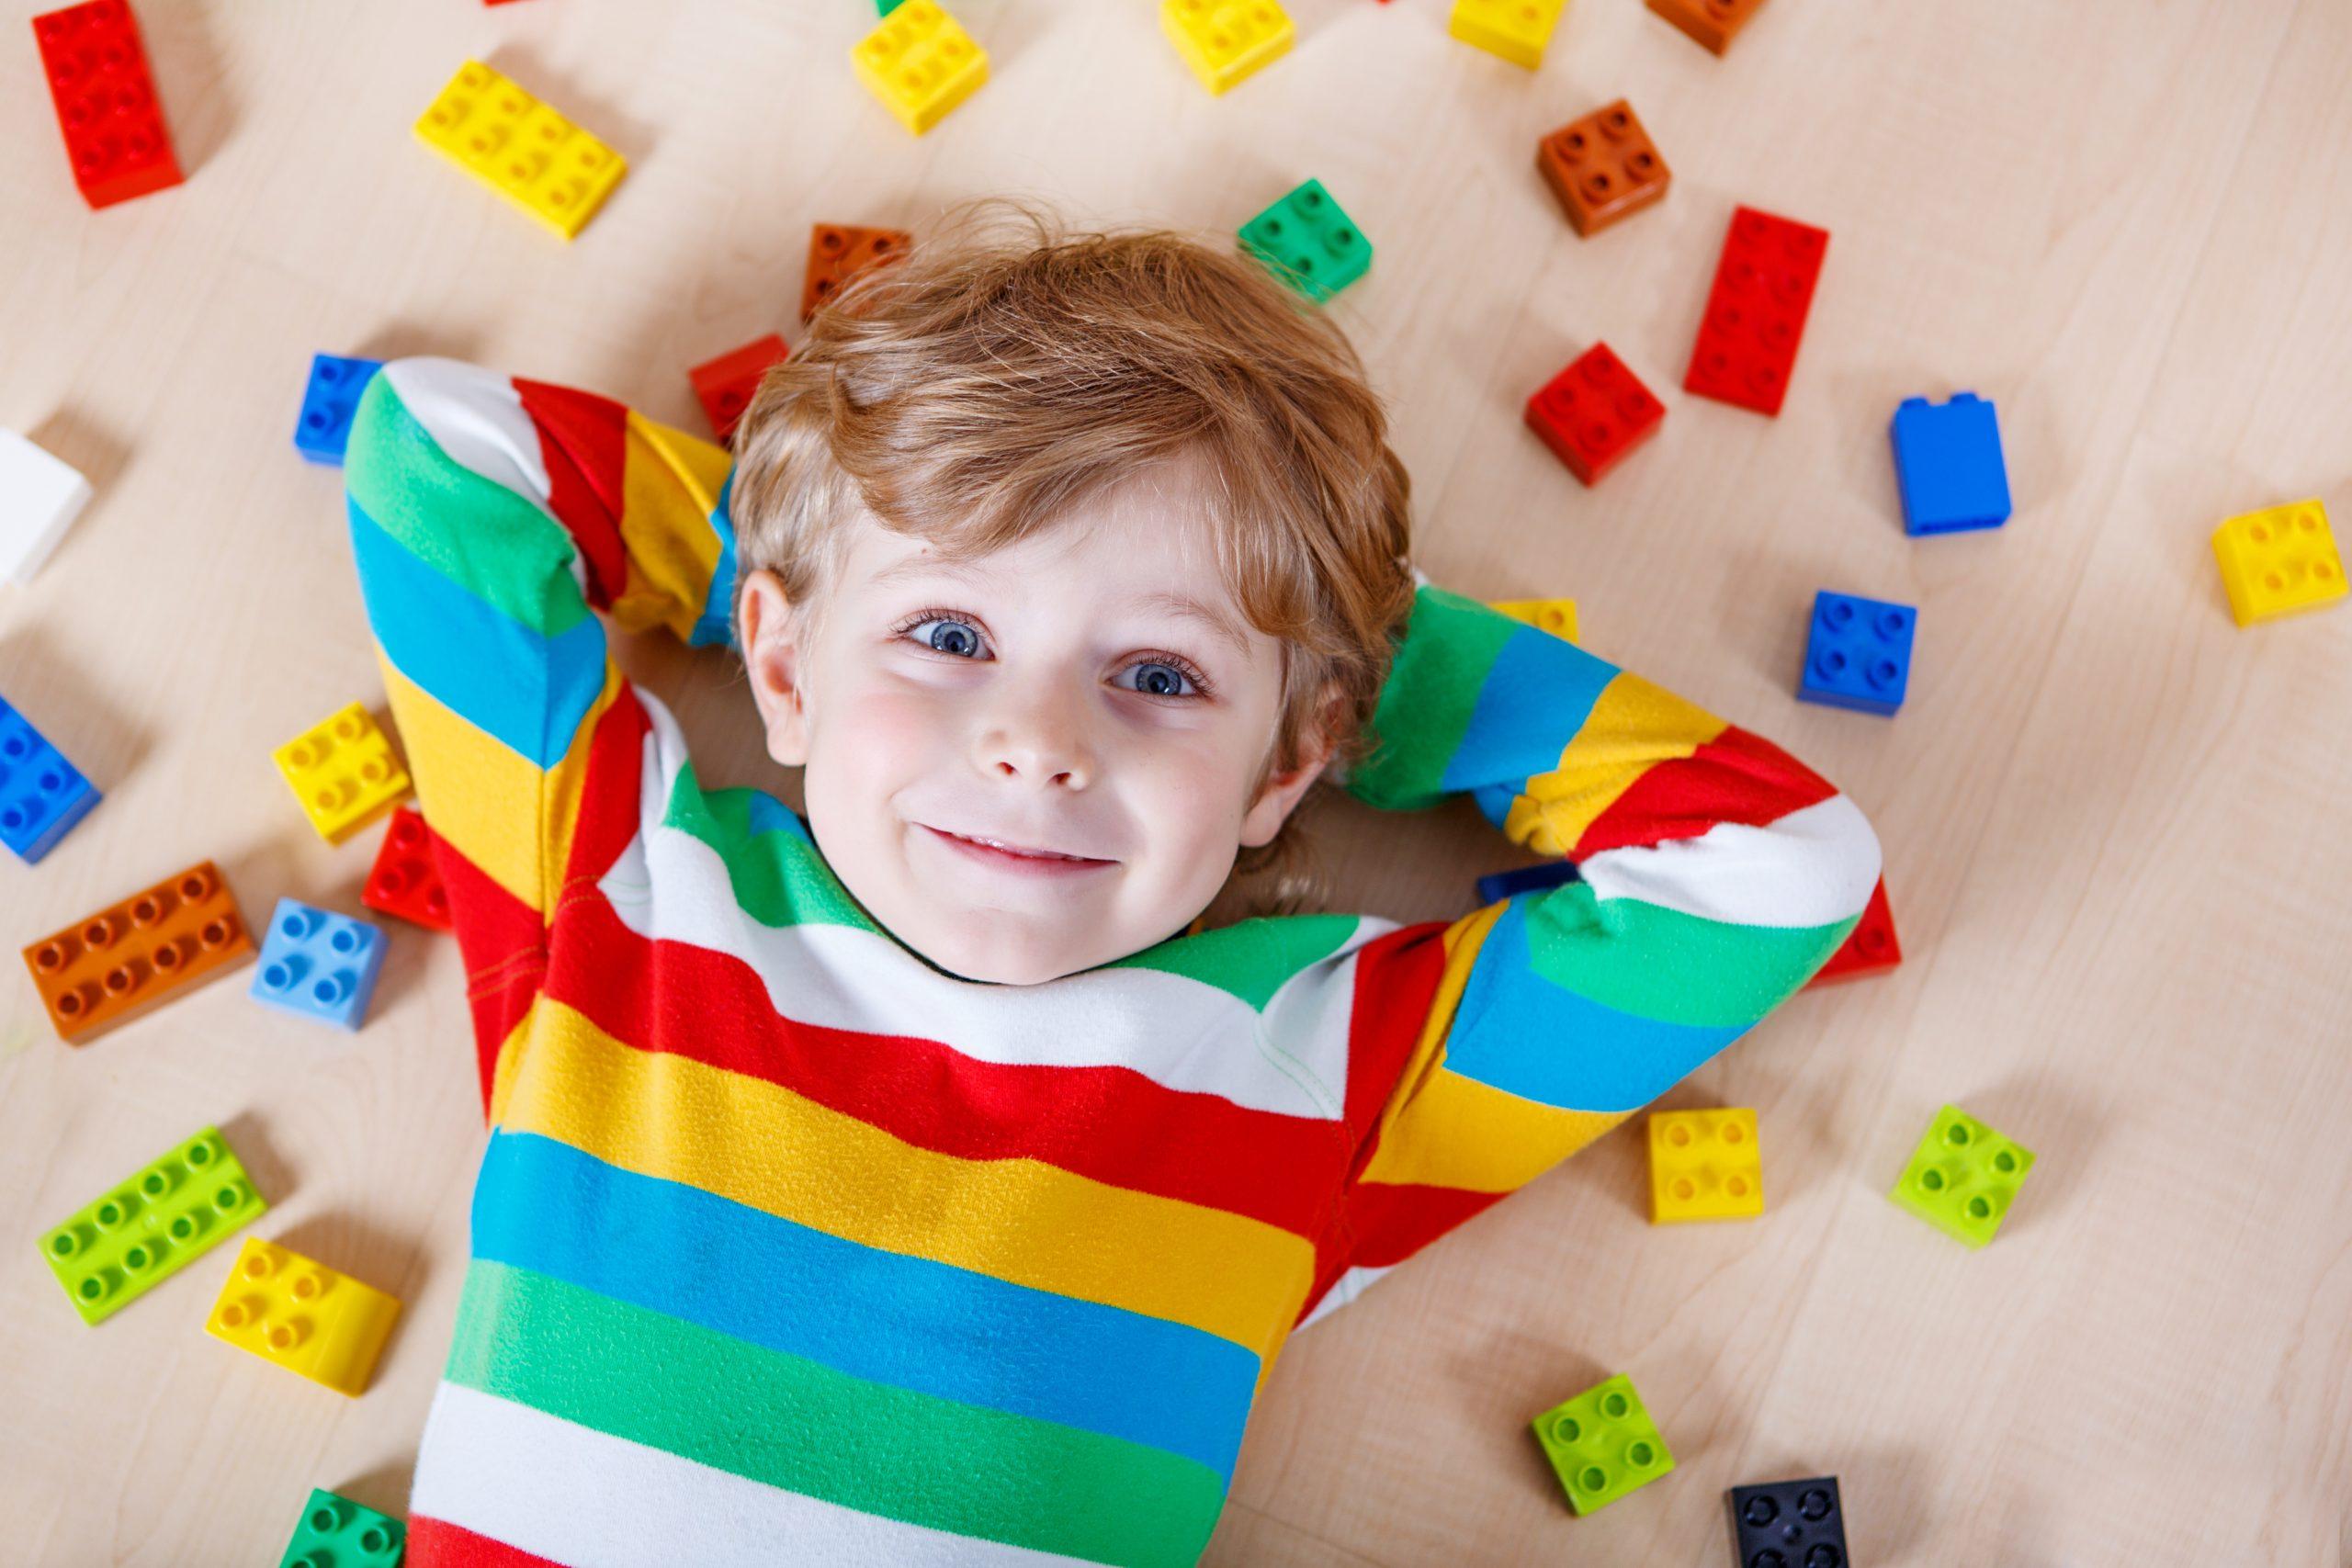 Juguetes para niños de tres años: ¿Cuál es el mejor del 2020?